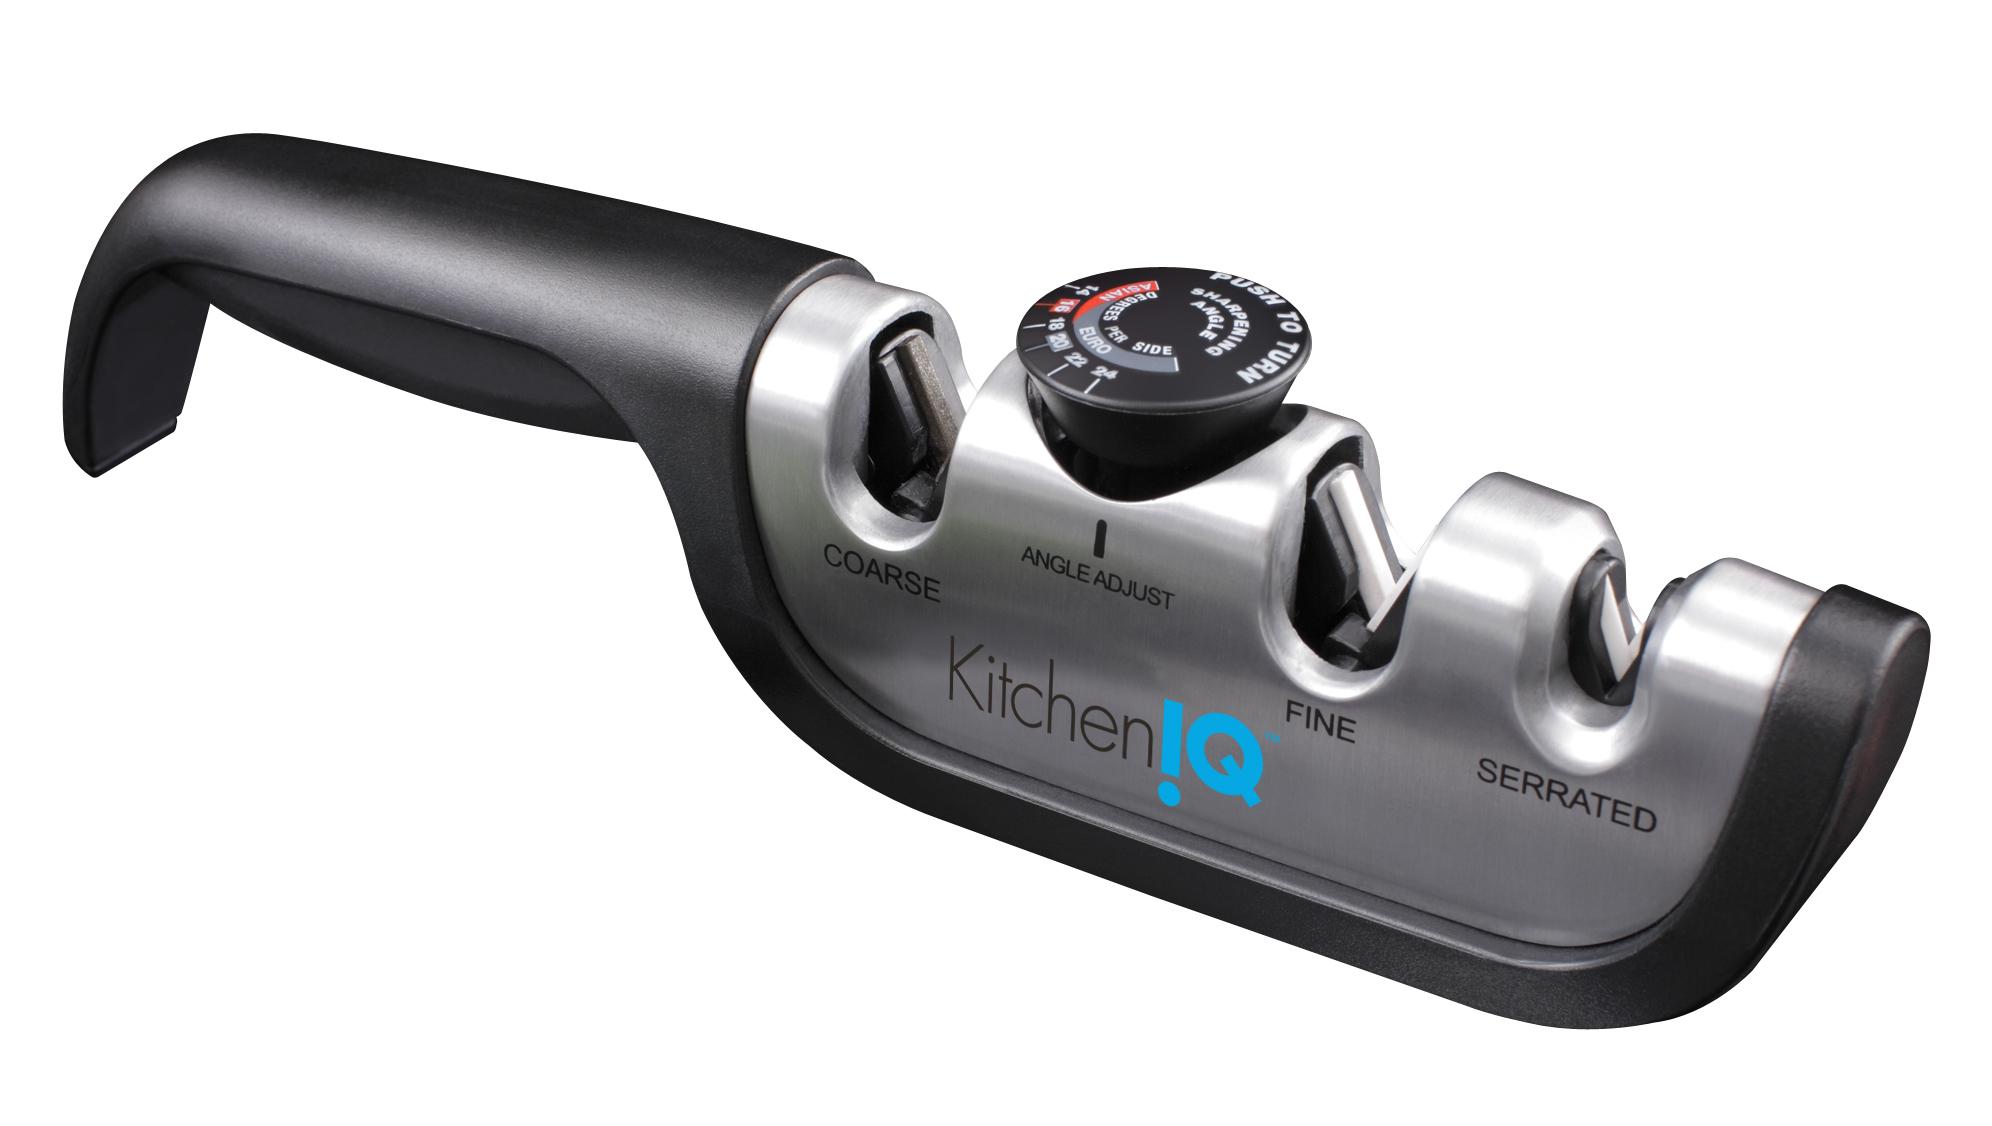 Точилка механическая для ножей KitchenIQ 50265Ручные механические точилки для ножей<br>Точилка механическая для ножей KitchenIQ 50265<br>Механическая точилка с регулируемым углом заточки KitchenIQ является поистине уникальным устройством в своем классе, настоящим универсальным инструментом, поскольку подходит для заточки как азиатских, так и европейских, и серрейтированных ножей. Точилка имеет отсек с карбидными абразивами, необходимыми для заточки очень тупых или поврежденных ножей. Для стадии полировки, легкой правки или полировки существует отсек с алмазными абразивами. <br>Однако отличительной особенностью данной конкретной модели является возможность настраивания угла заточки: существует 6 вариантов (14, 16, 18, 20, 22 и 24 градуса). Он легко изменяется в обоих пазах (грубой и тонкой заточки). Можно также воспользоваться заводским углом заточки режущей кромки, который считается наиболее щадящим режимом, поскольку снимет меньшее количество слоев металла. Для возвращения первозданной остроты лезвия достаточно 6-10 протяжек. <br>Чтобы точилка прослужила как можно дольше, рекомендуется очищать ее после каждого использования тканевым полотенцем или мягкой щеткой. Промывать устройство под струей воды нельзя.<br>